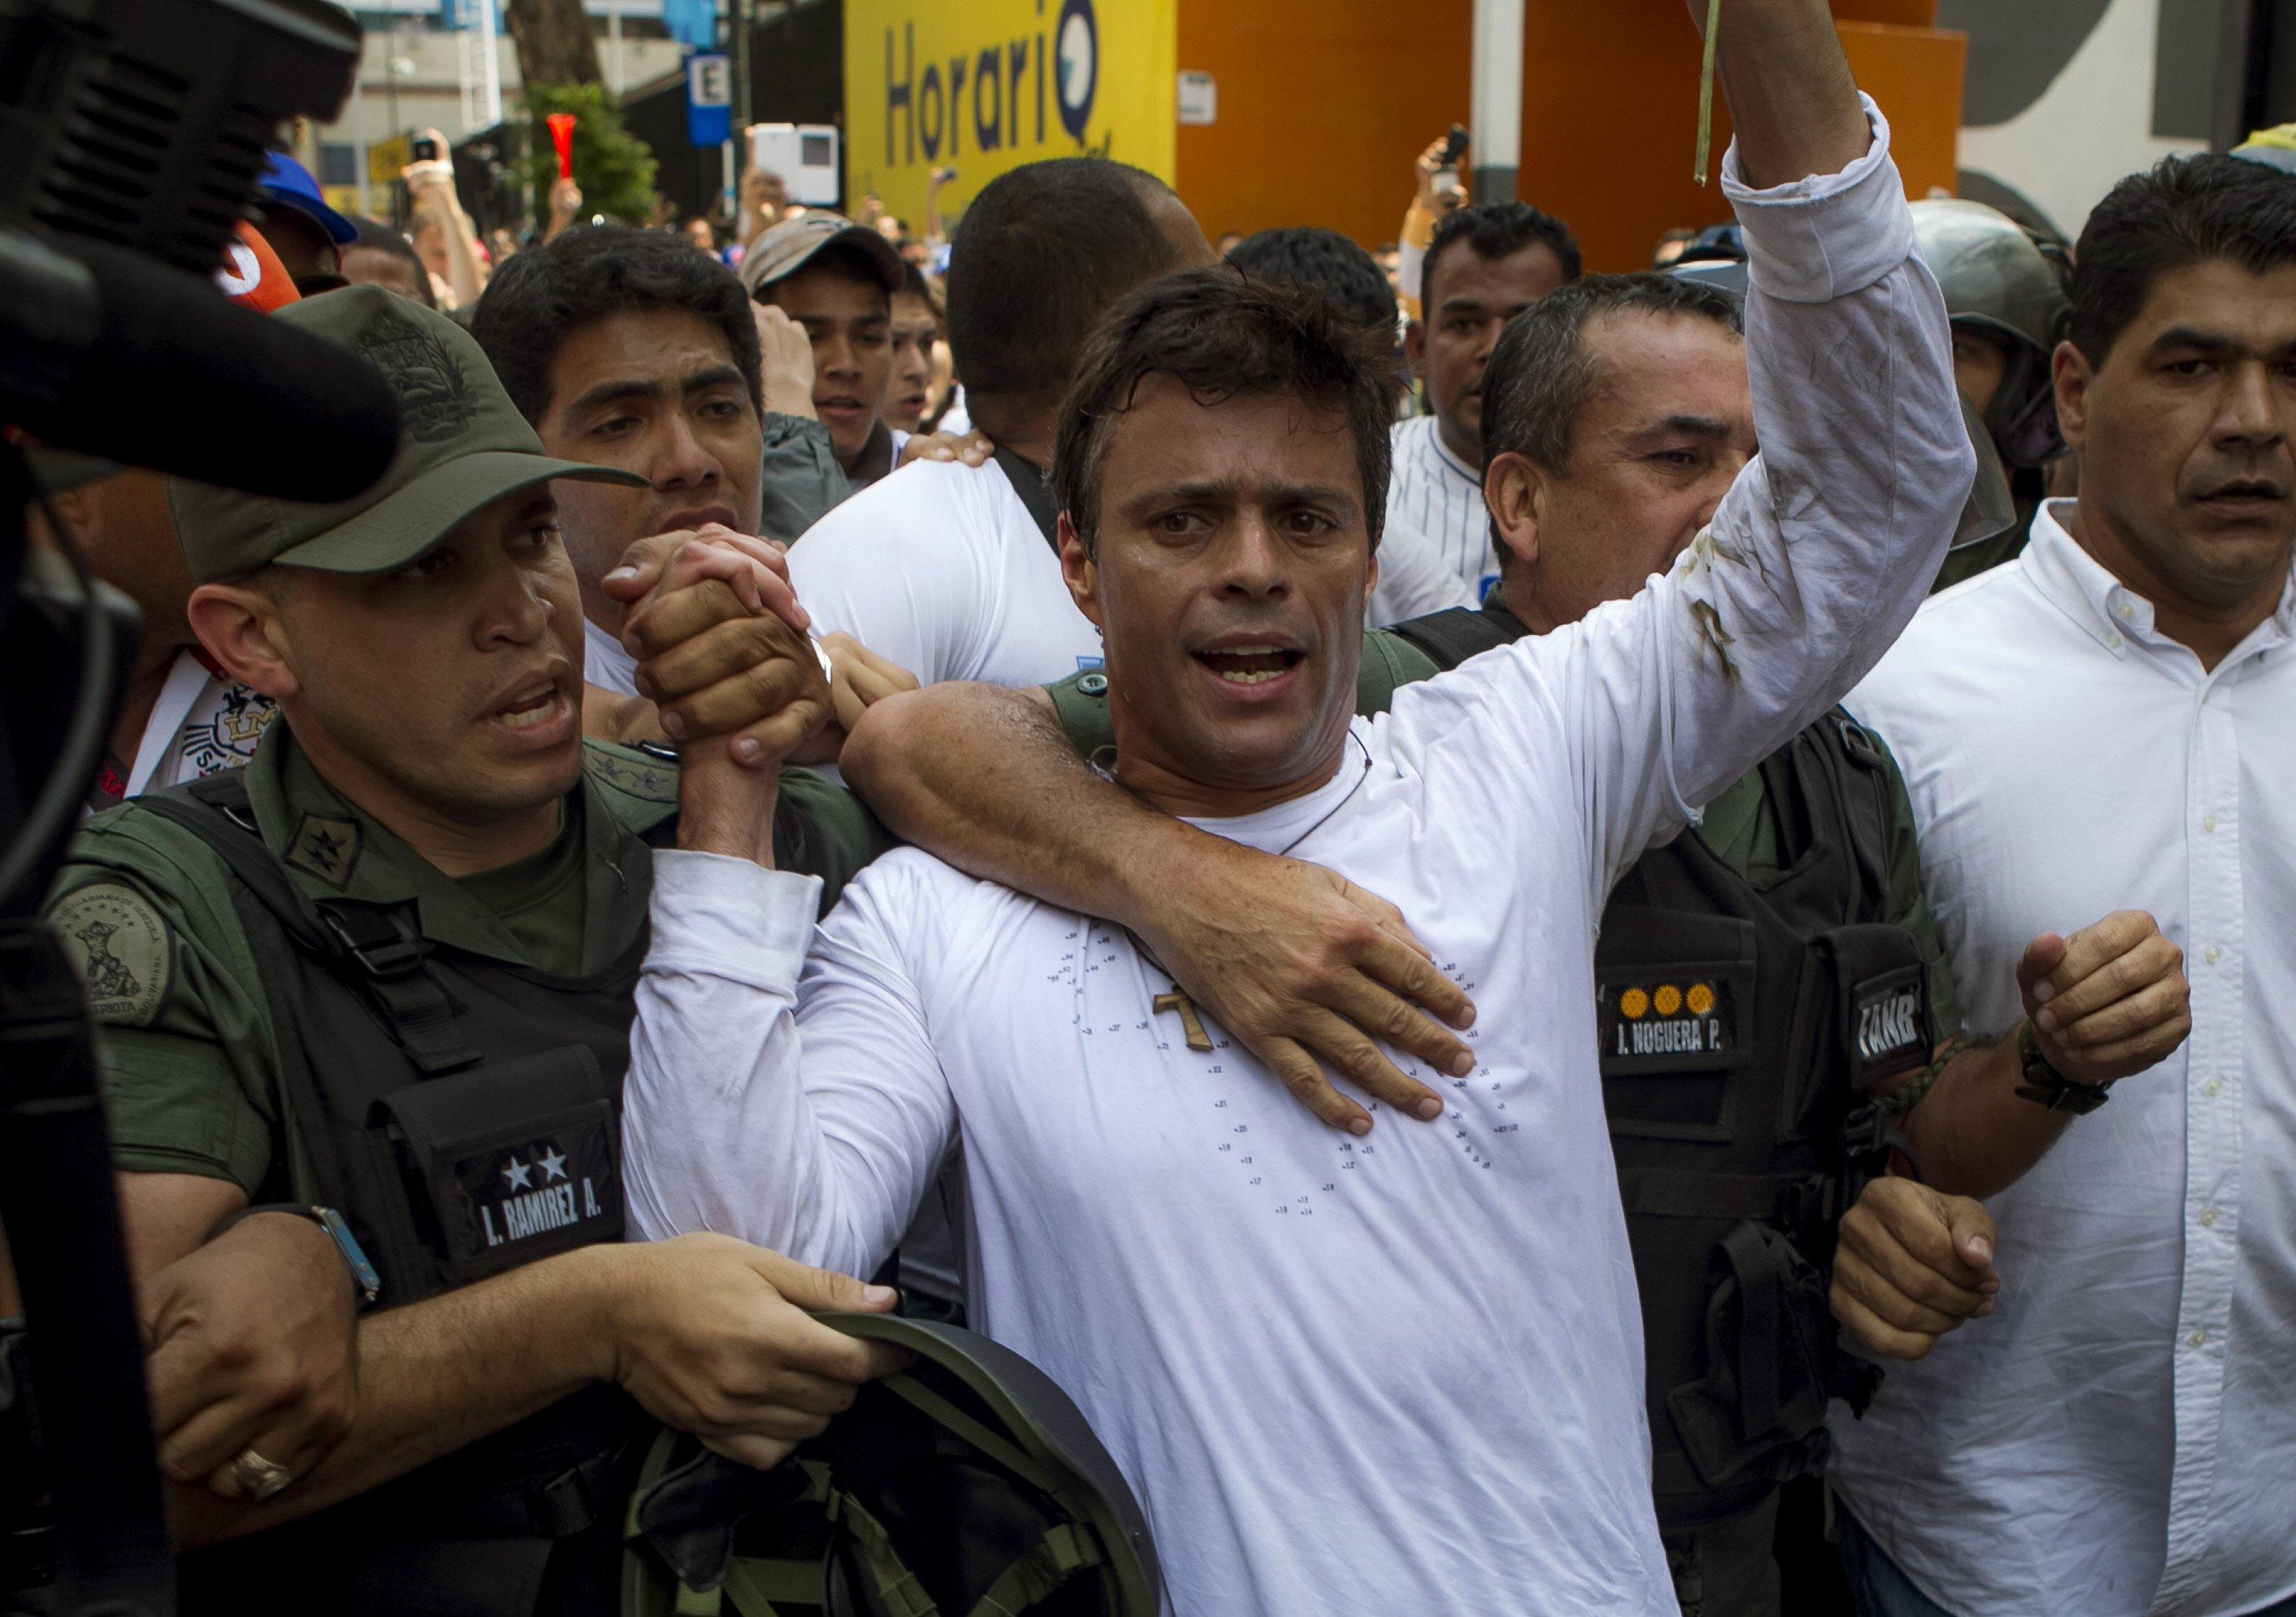 """GRA190. CARACAS, 08/07/2017.- Fotografía de archvivo (Caracas, 18/02/2014), del opositor venezolano Leopoldo López cuando se entregó a miembros de la Guardia Nacional (GNB, policía militarizada) en una plaza en Caracas (Venezuela). Leopoldo López ha abandonado la cárcel y ha pasado a estar en una situación de """"arresto domiciliario"""". Según su abogado español Javier Cremades en un tuit hecho público hoy, el opositor """"aún no es libre"""", pero ya """"está en su casa con su mujer y sus hijos"""". EFE/MIGUEL GUTIERREZ"""